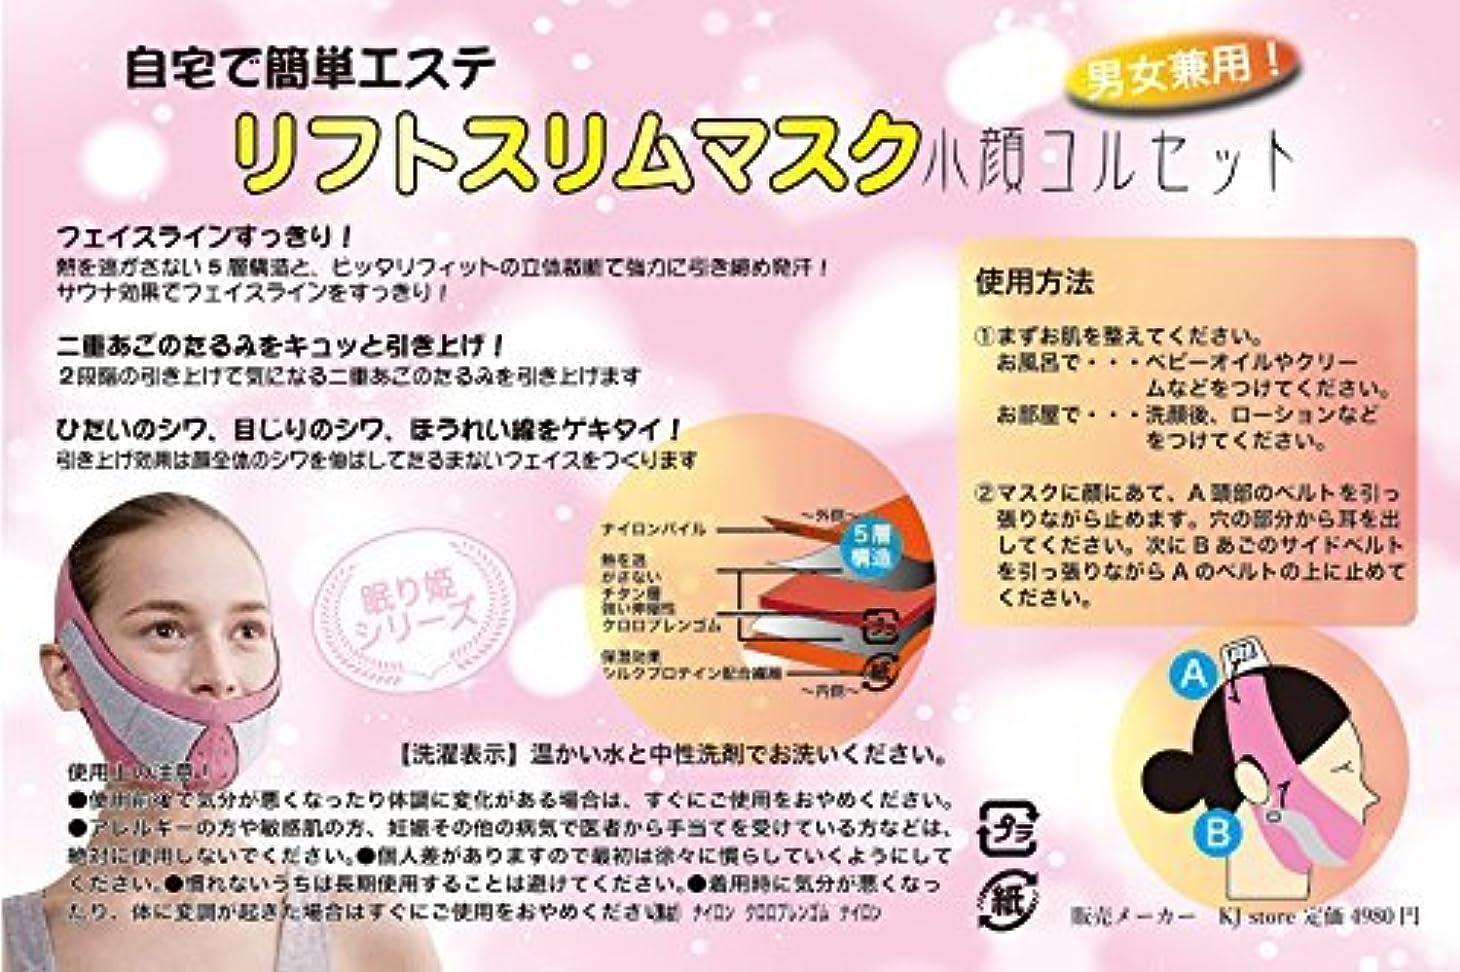 ガラガラ終点ものKJ 2019モデル【 眠り姫 シリーズ 】リフトスリムマスク 男女兼用 小顔コルセット